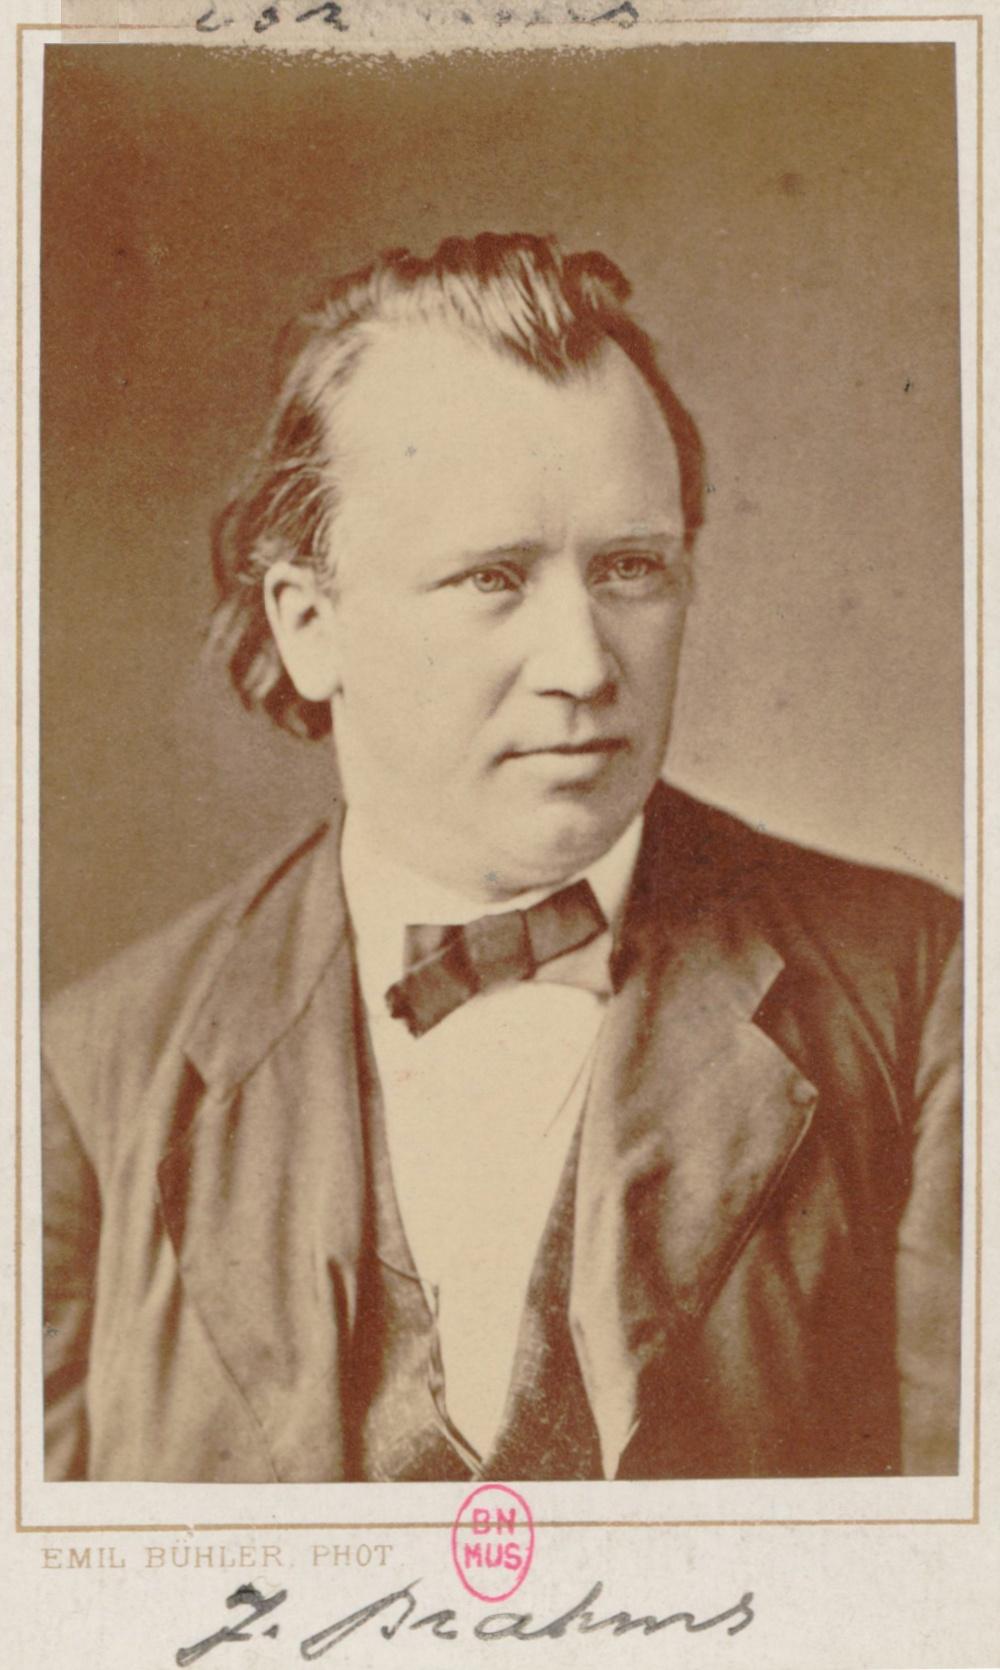 Johannes BRAHMS, un portrait fait par Emil BÜHLER, Bibliothèque Nationale de France, ark:/12148/btv1b8416006, Cliquer sur la photo pour voir l'original et plus d'informations